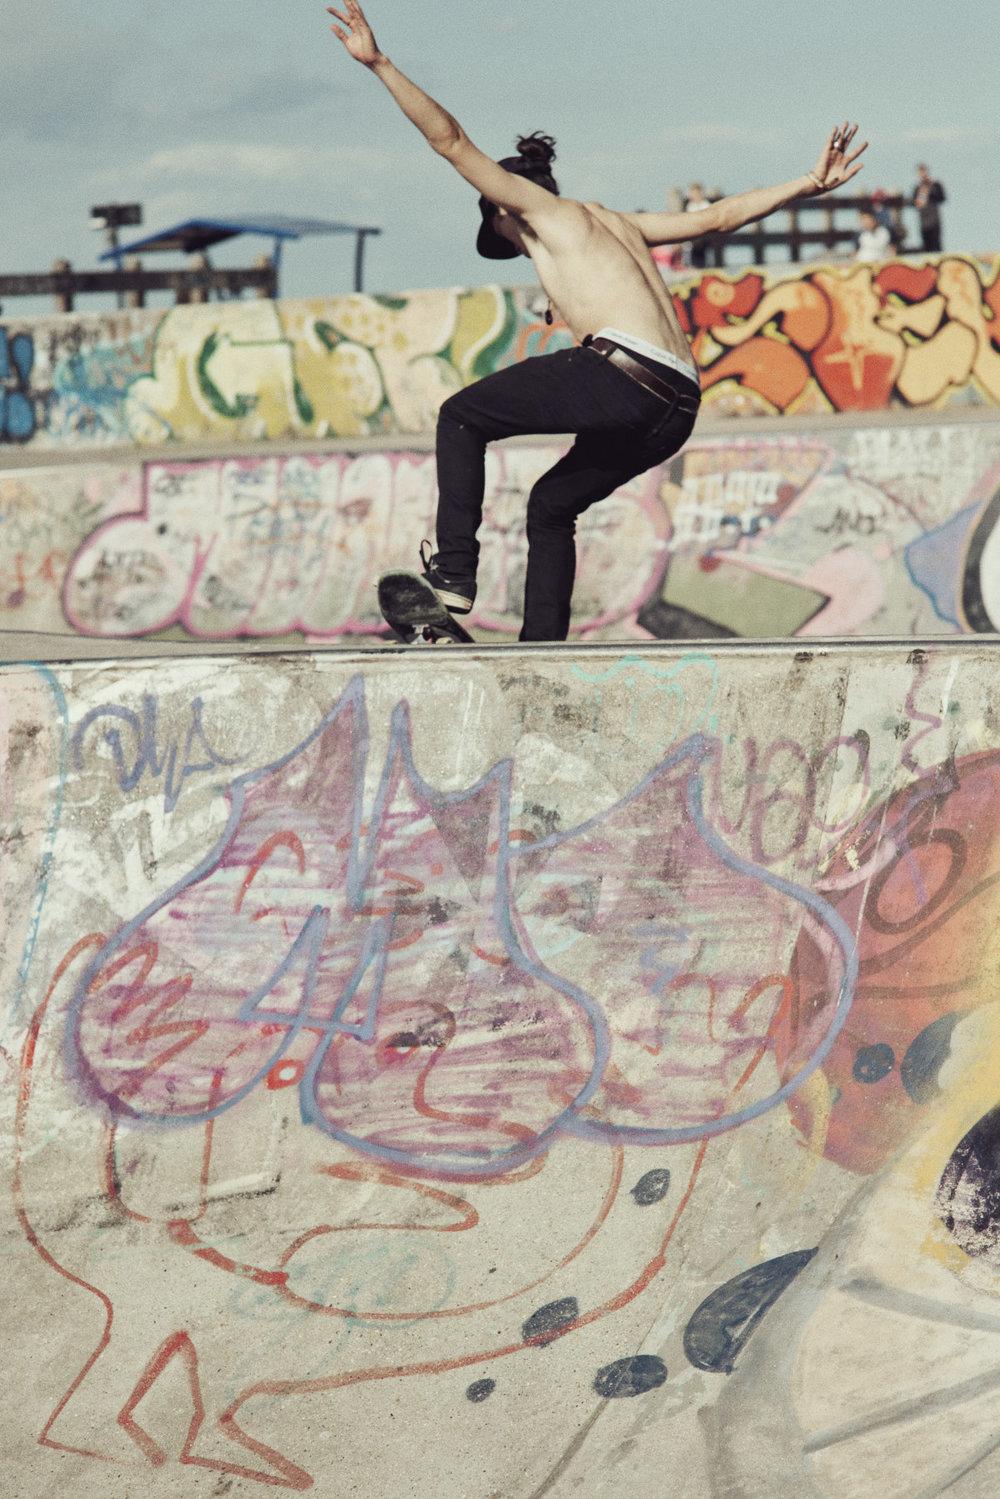 EH_160821_i_D_skaters_008.jpg